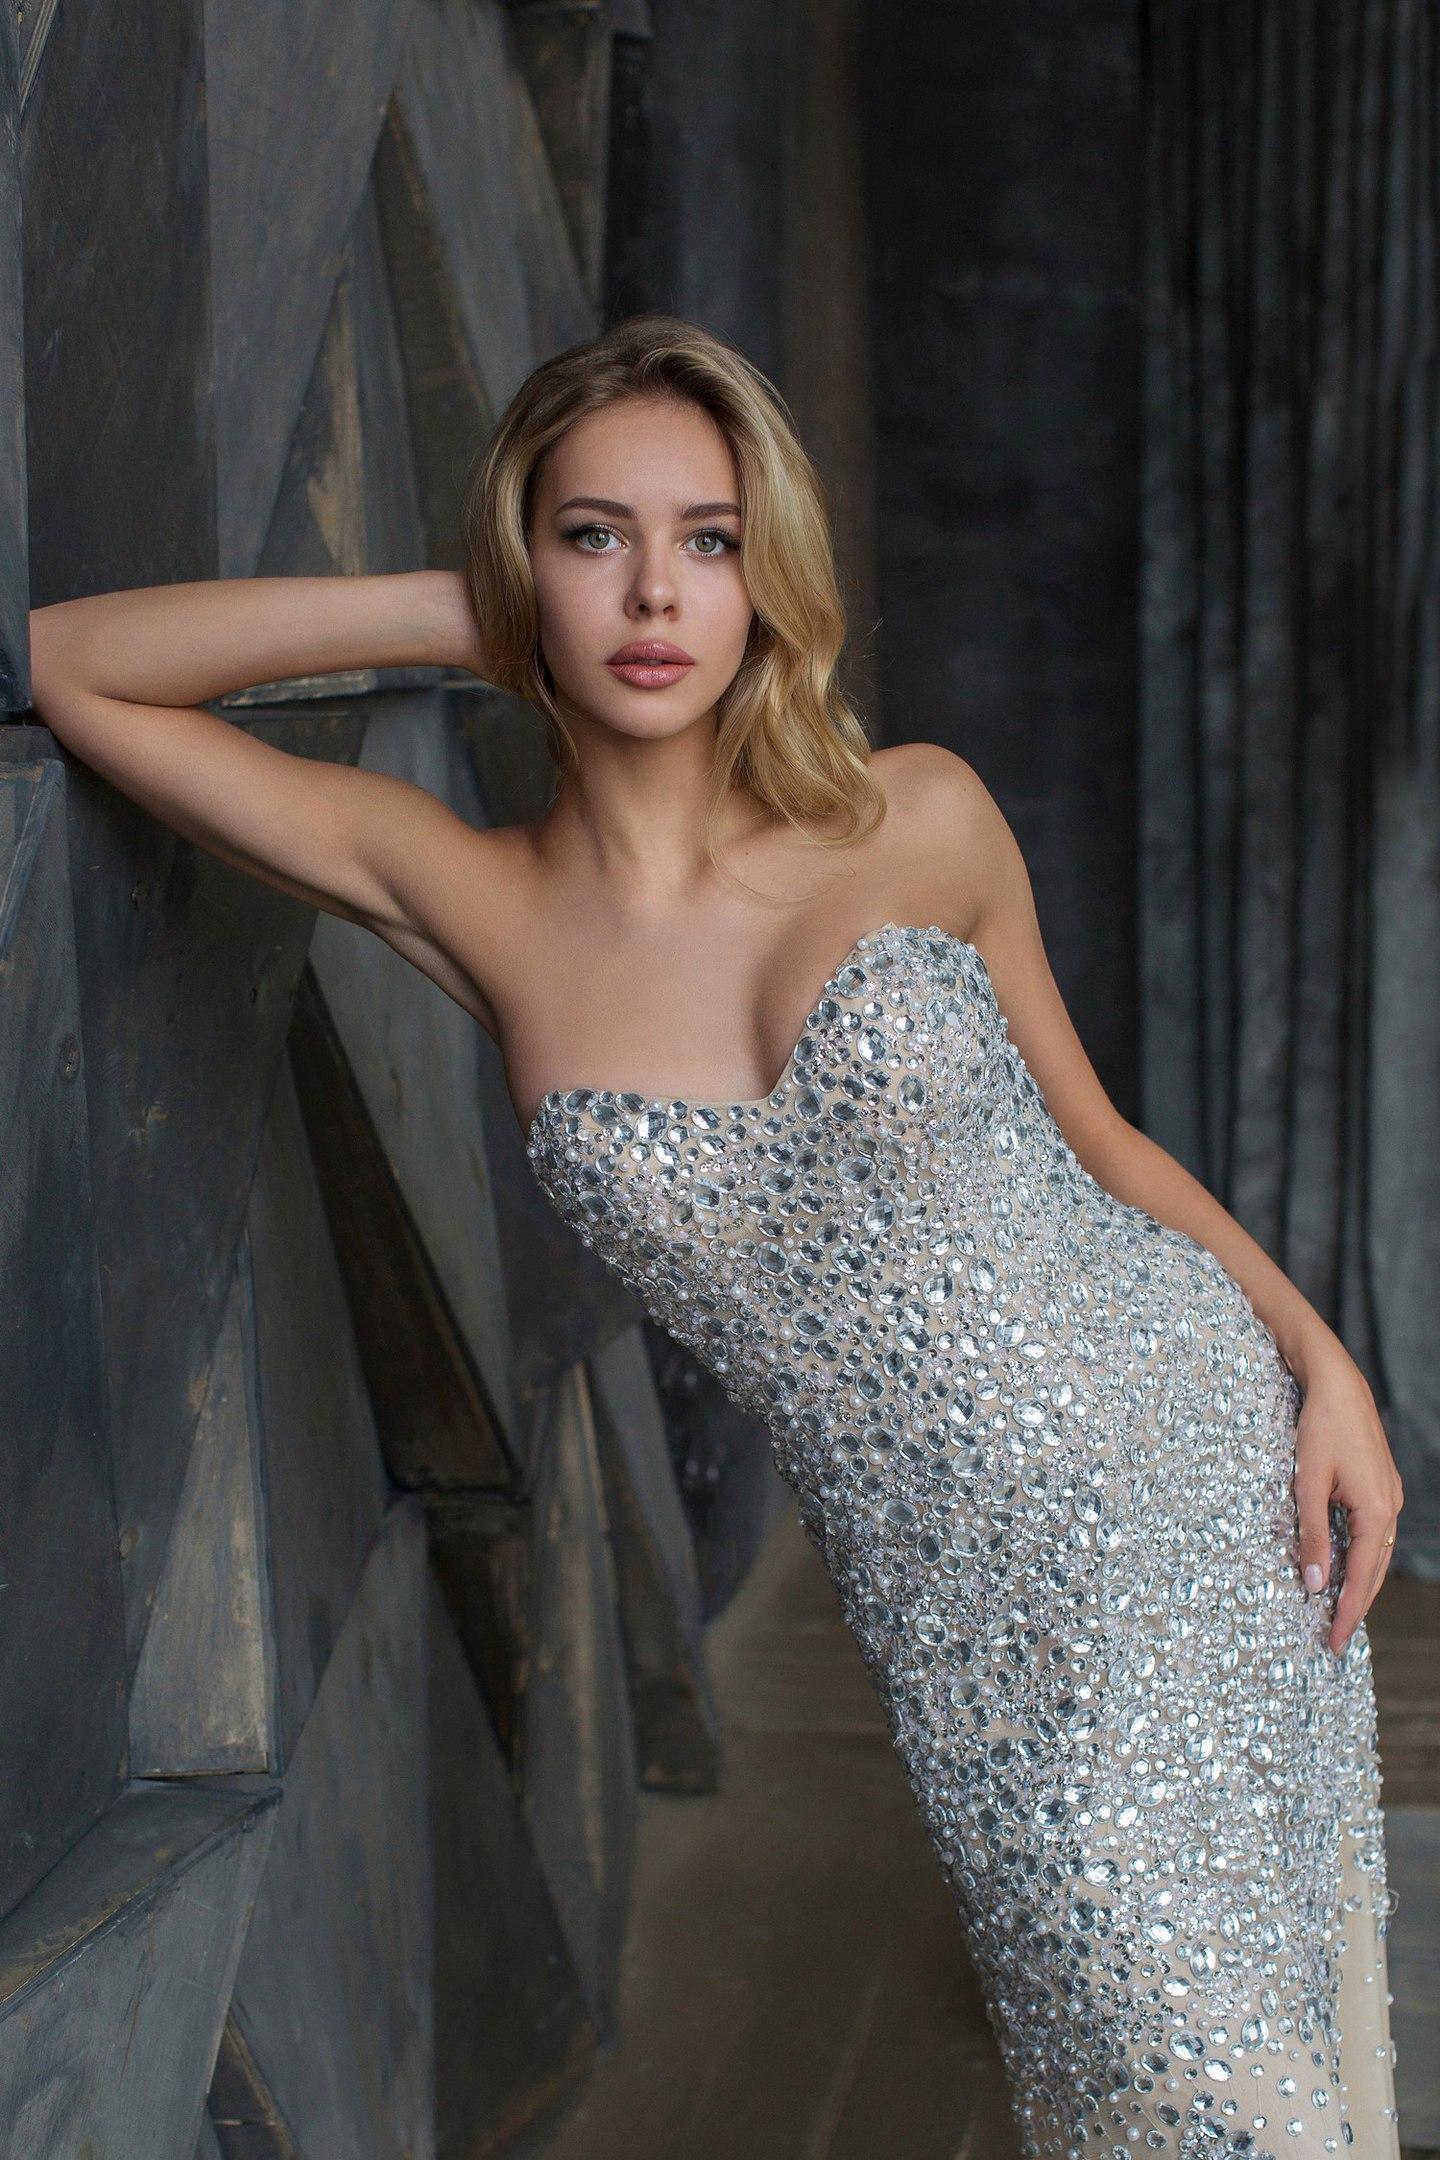 Анна Погорилая-2 Zc-BvJypeeY